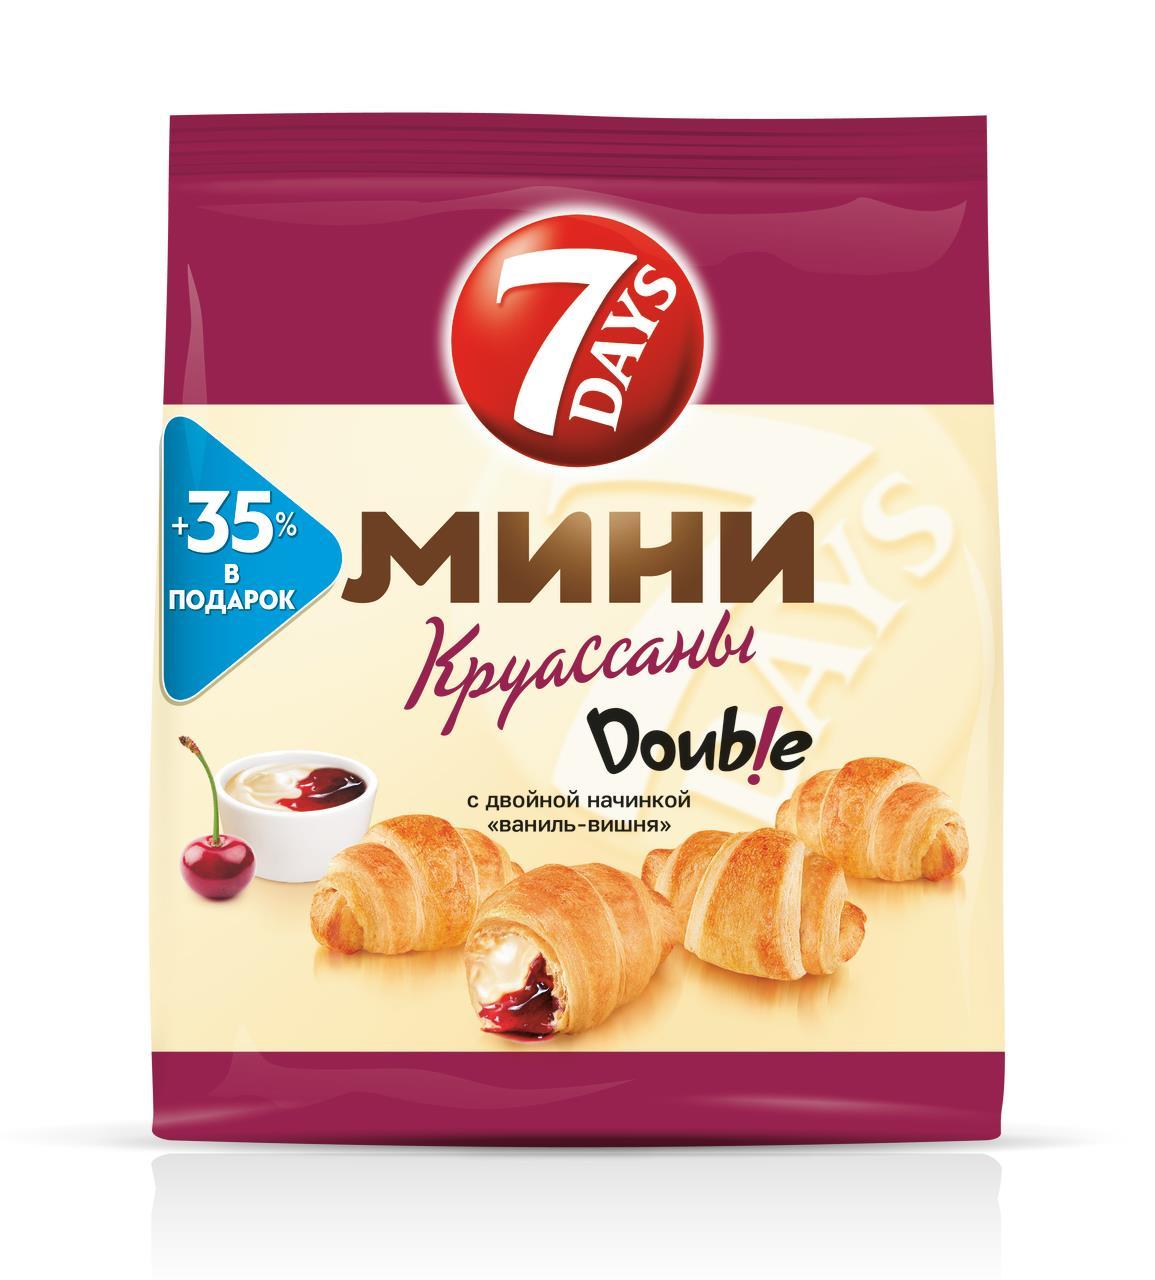 """""""Мини круассаны 7DAYS c двойной начинкой """"""""ваниль-вишня"""""""" 300 г"""""""